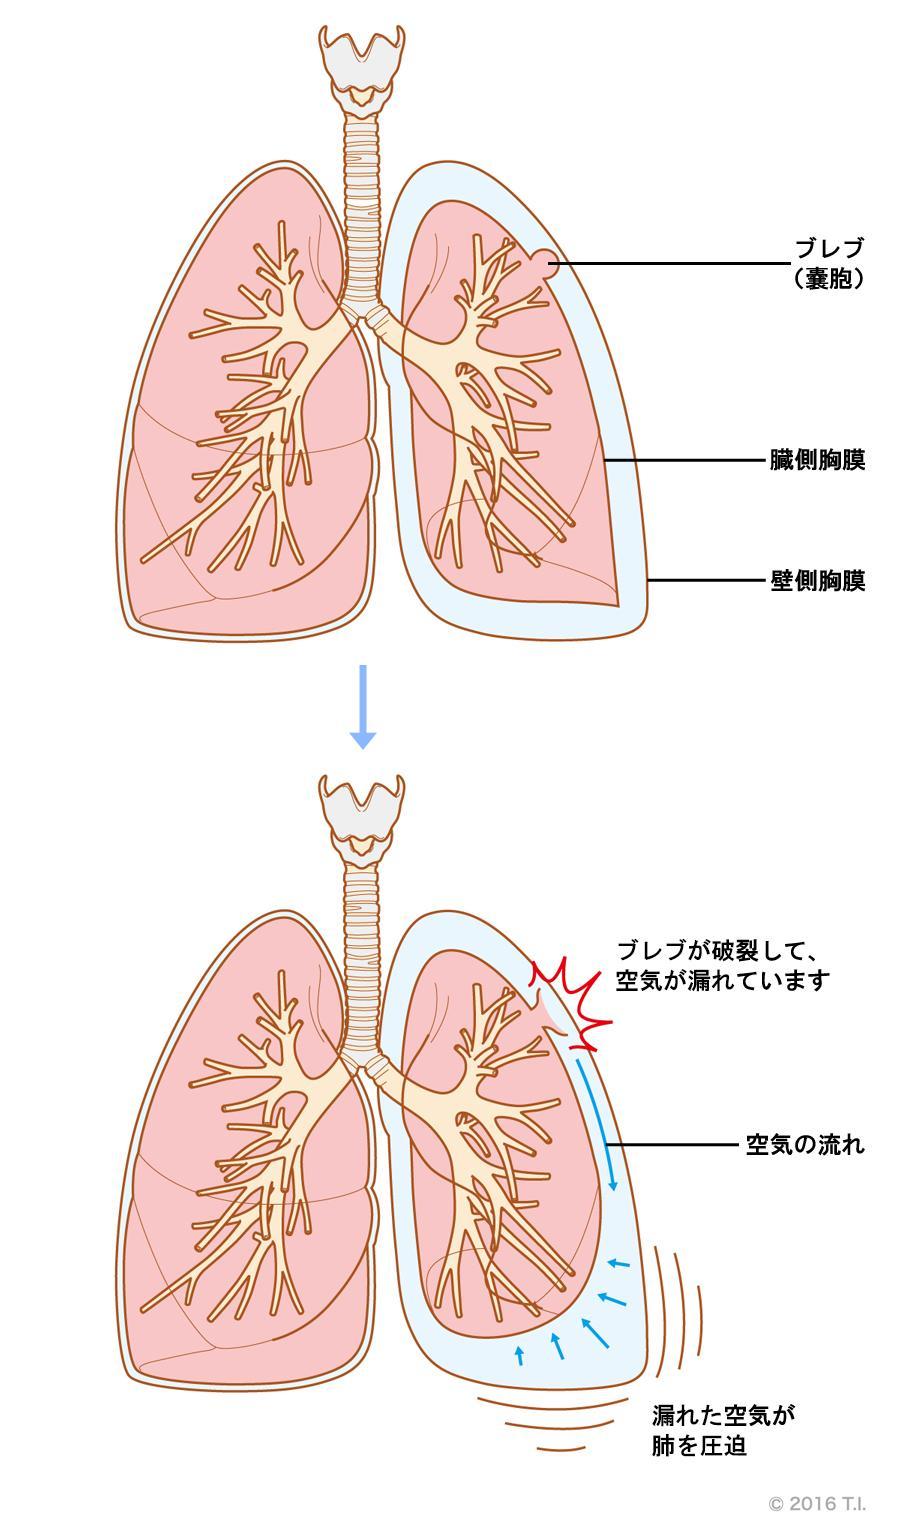 気胸が発生する仕組み